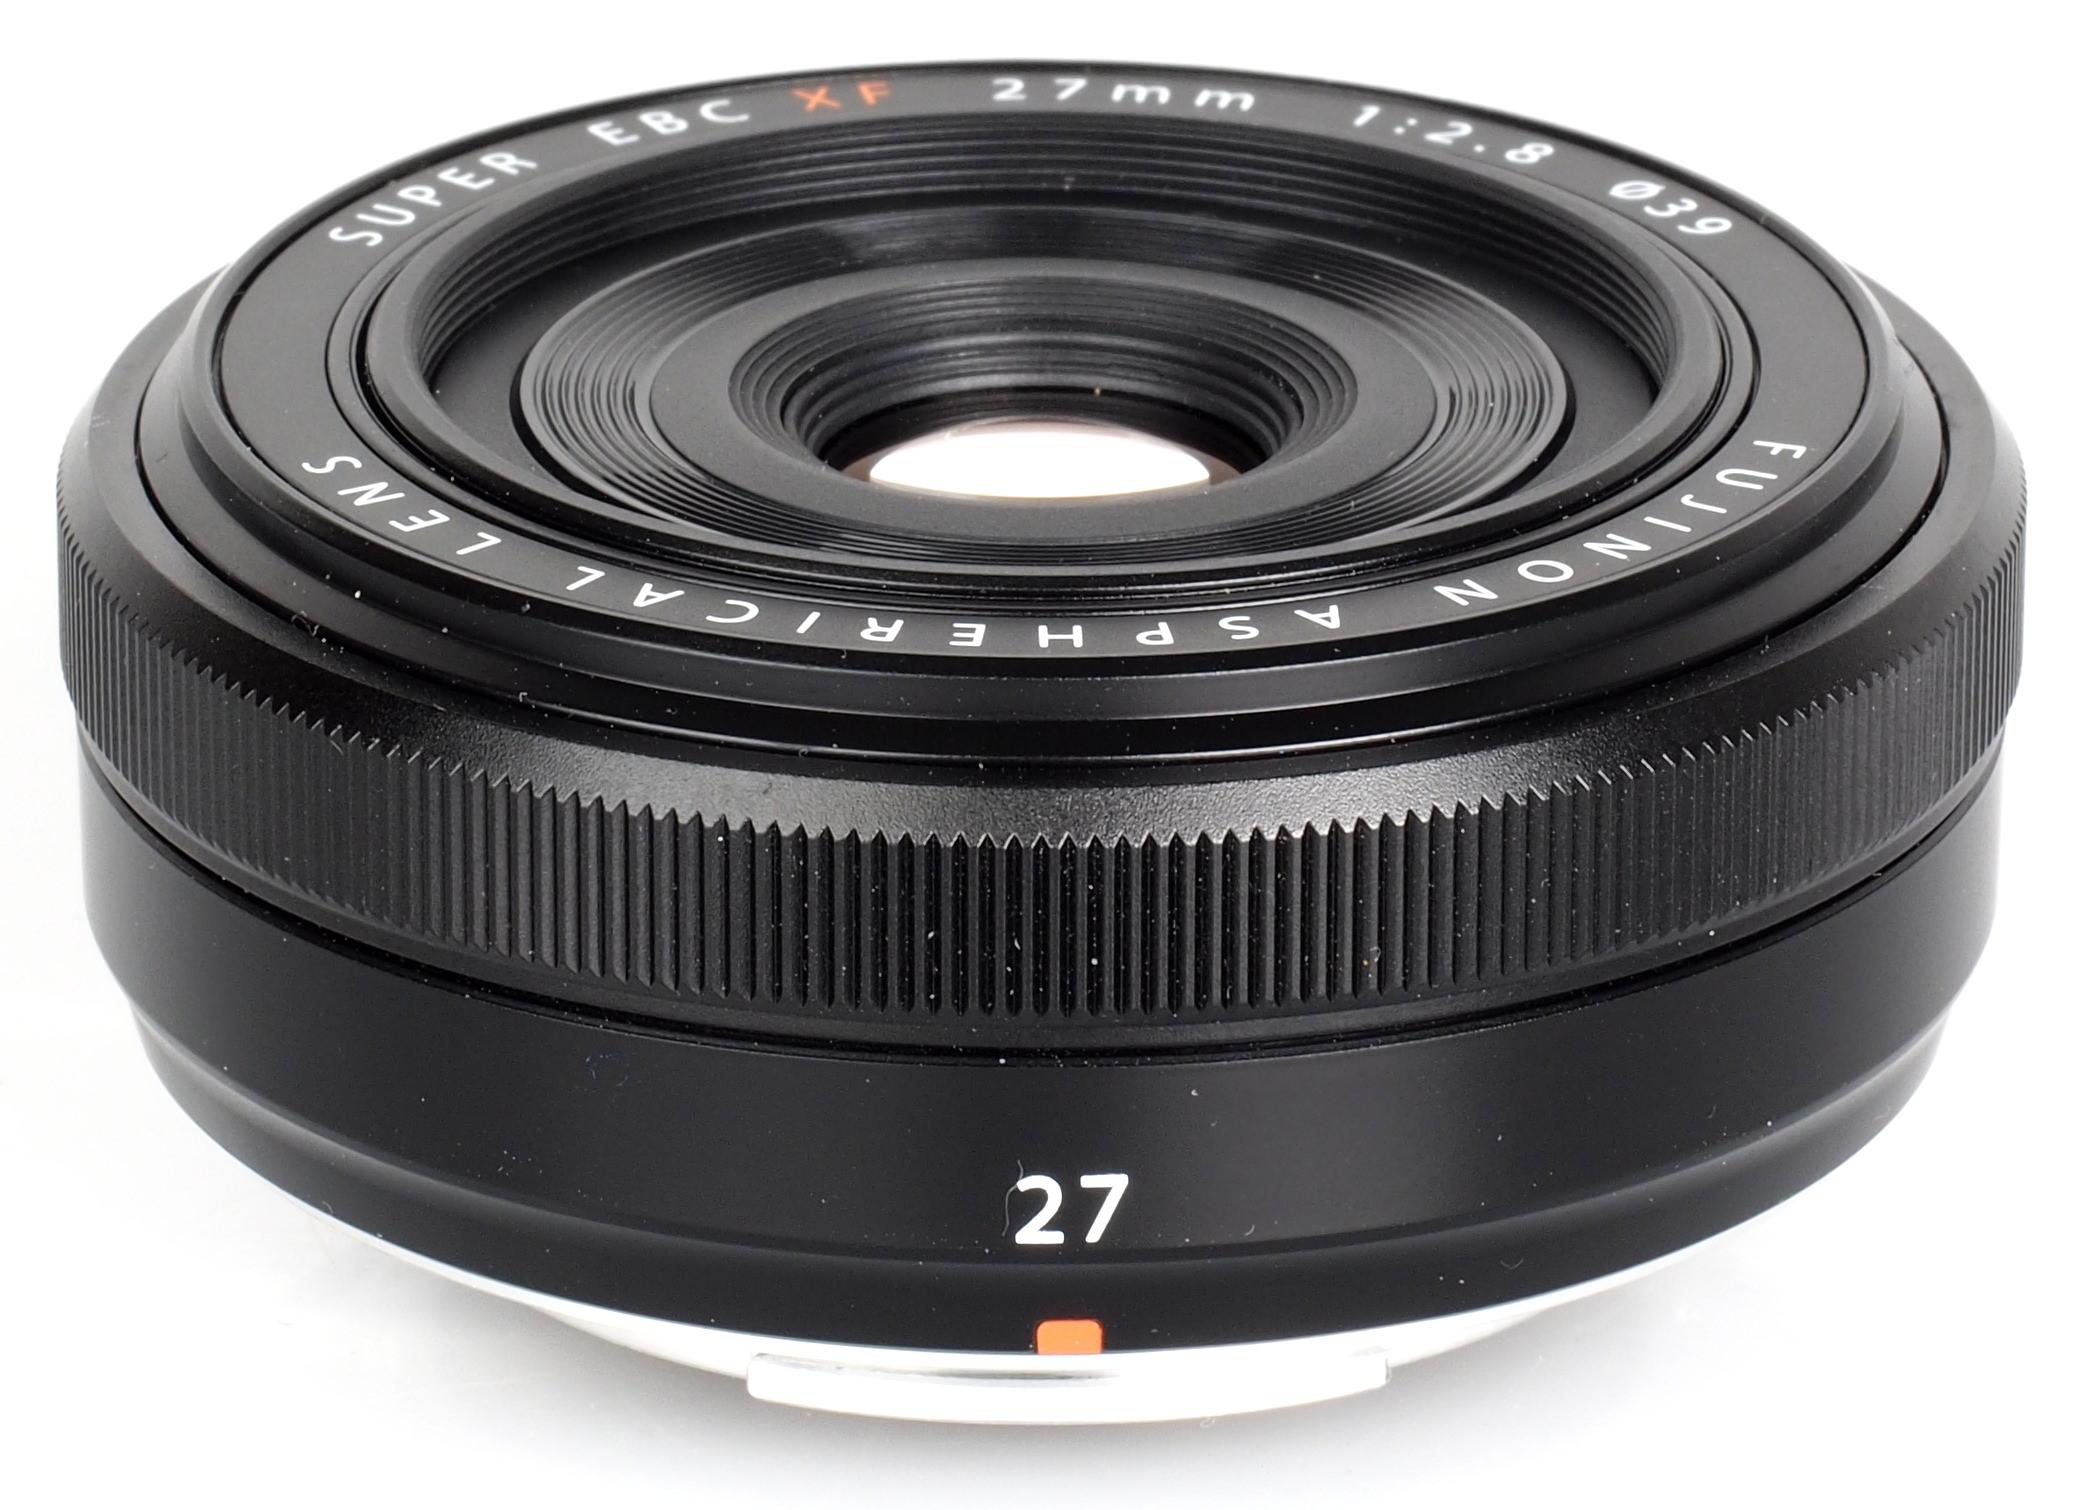 Ephotozine Reviews All Fujifilm X Mount Lenses Fujinon Xf18mm F 20 R Lens Xf 27mm 5